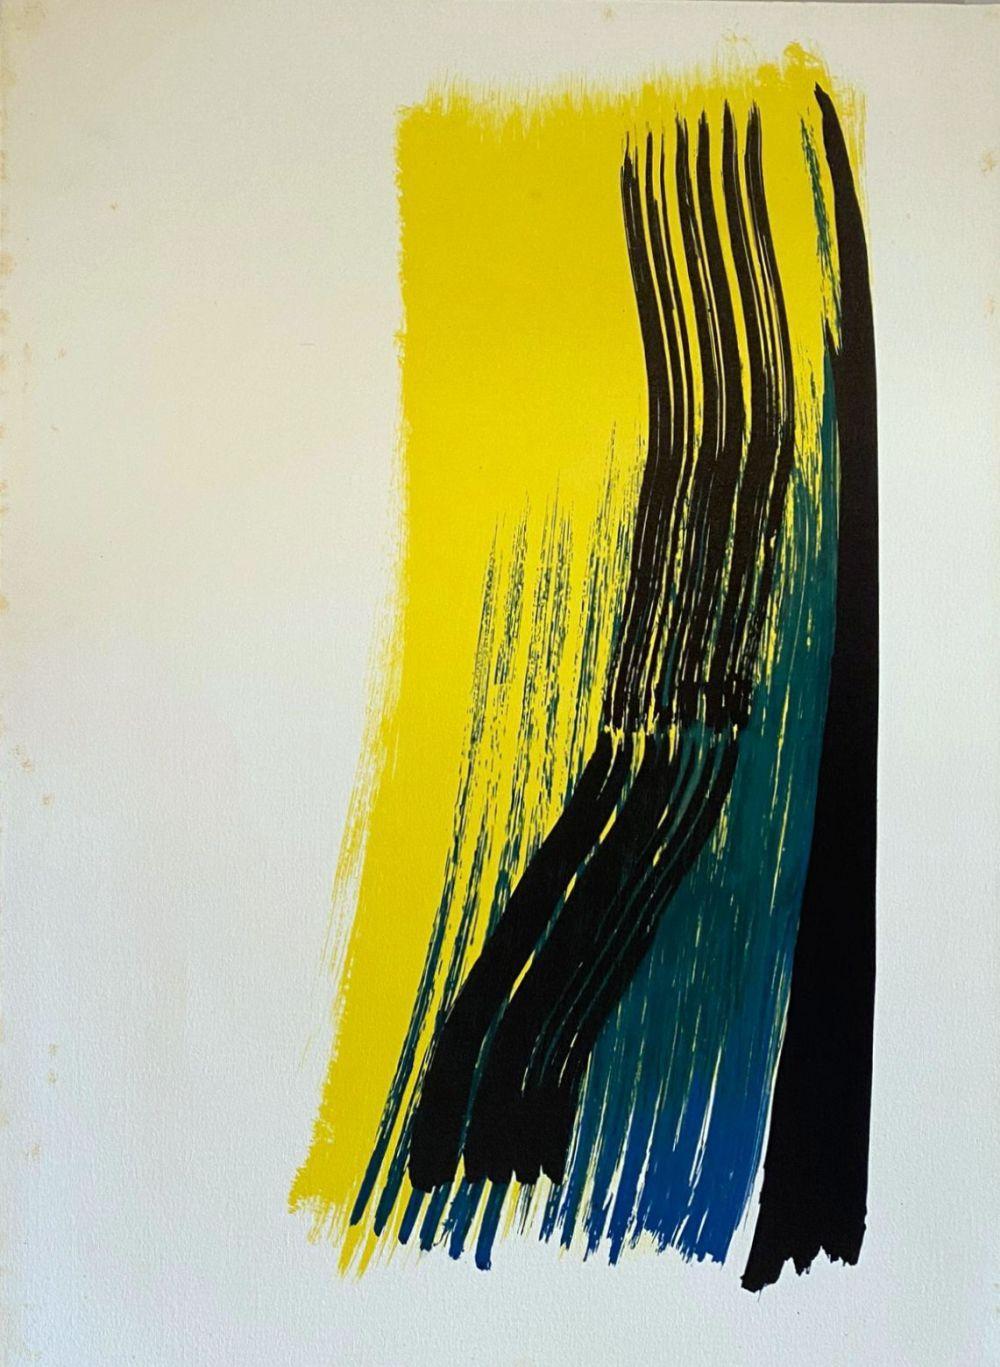 Hans Hartung - Farandole, 1971